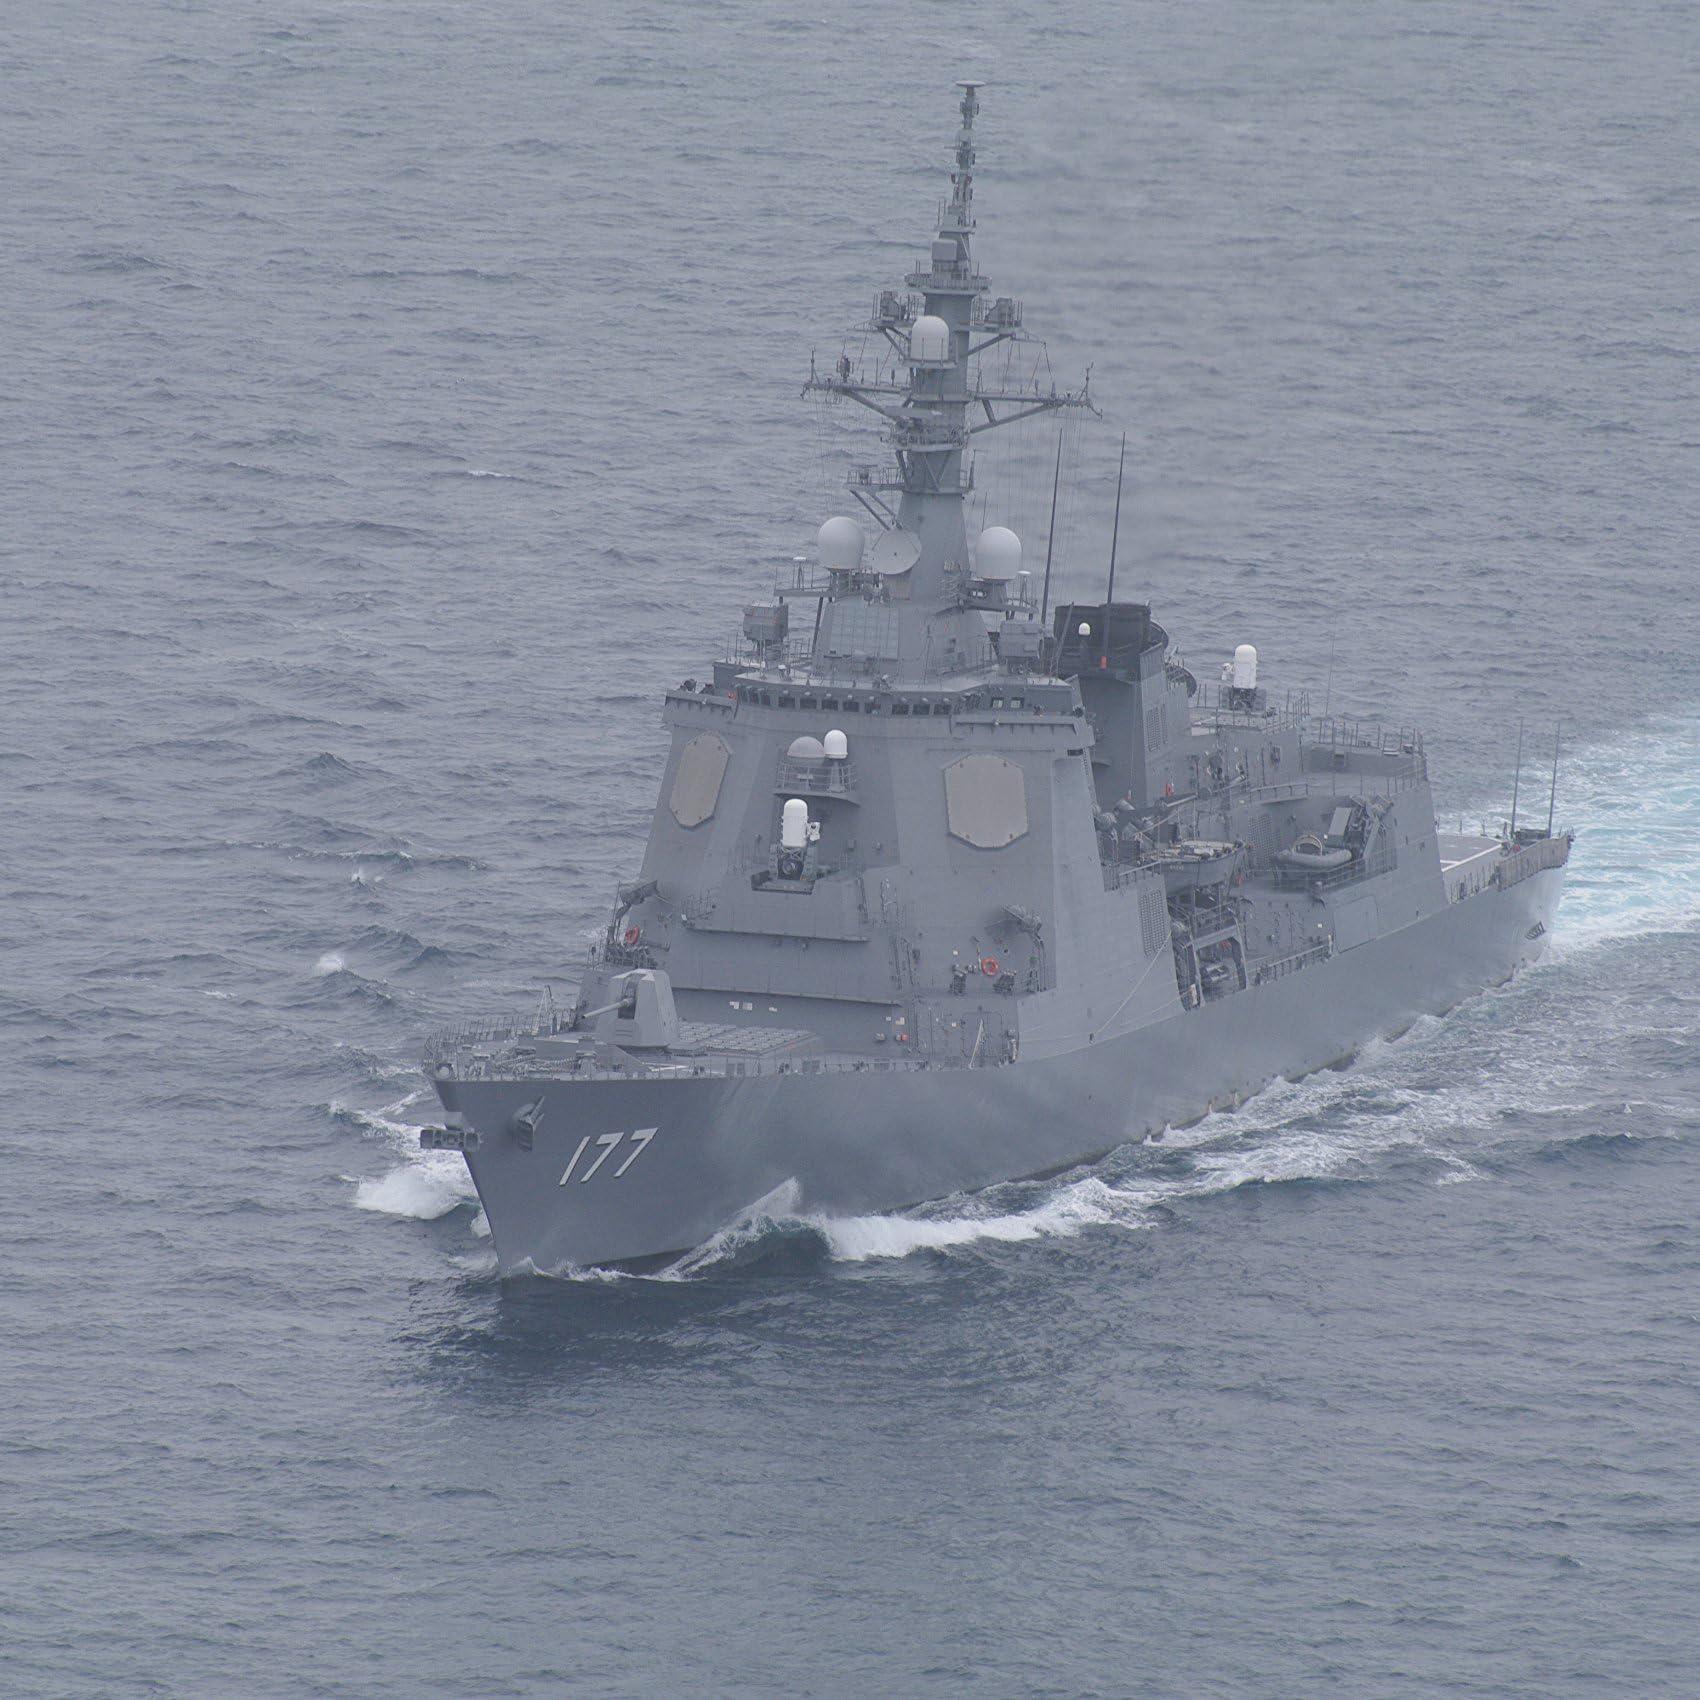 兵器 海上自衛隊のあたご型護衛艦の1番艦 あたご Ipad壁紙 画像49354